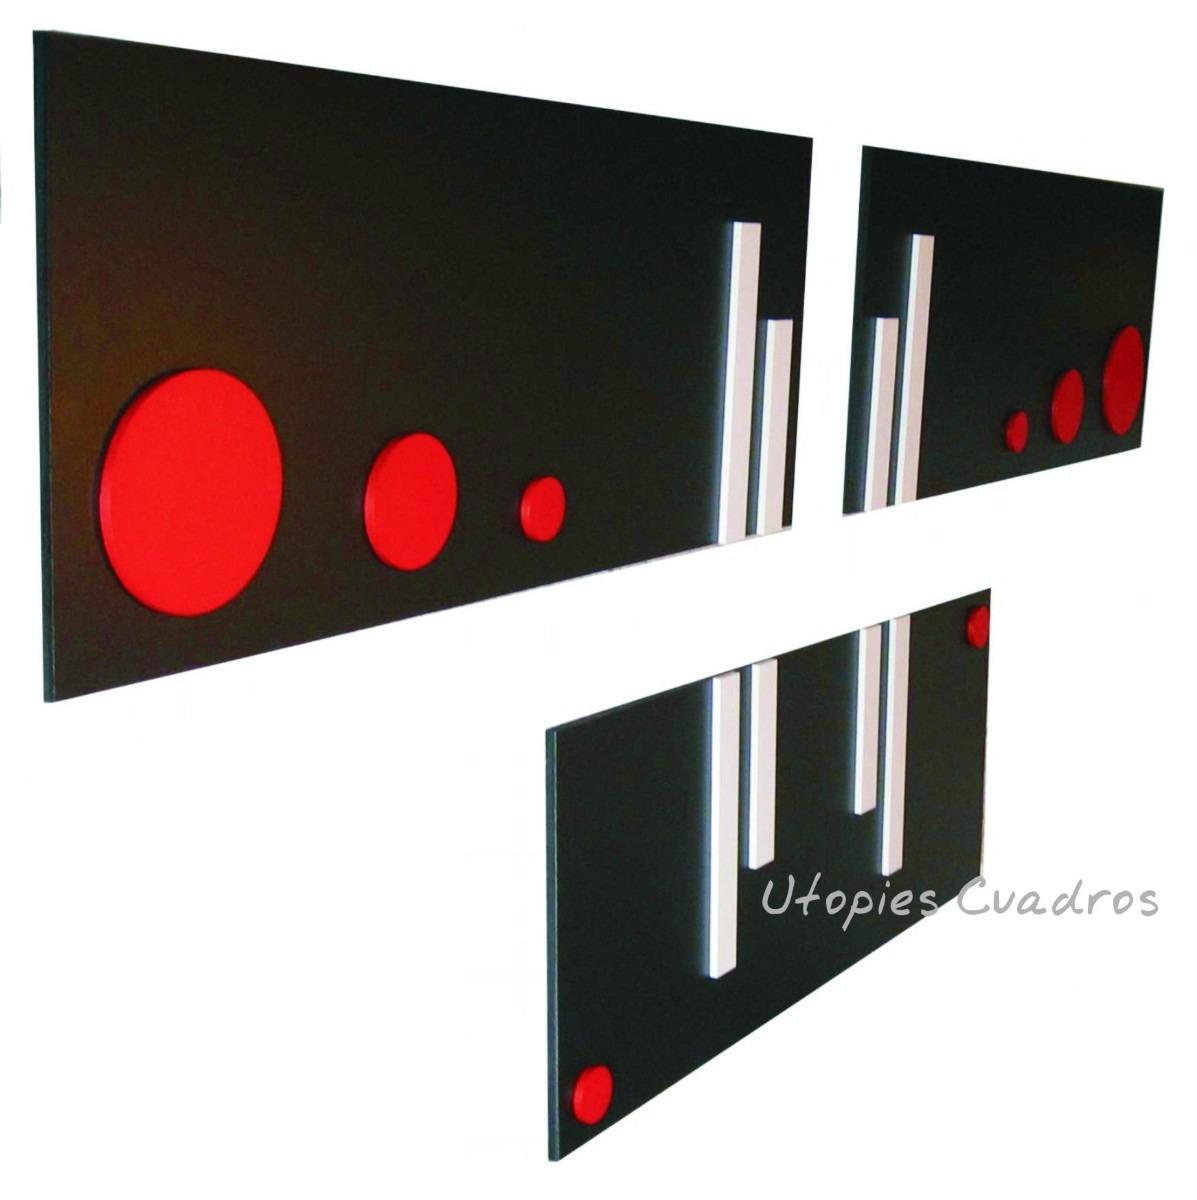 Cuadros dipticos tripticos gran variedad modernos car - Cuadro decorativos modernos ...